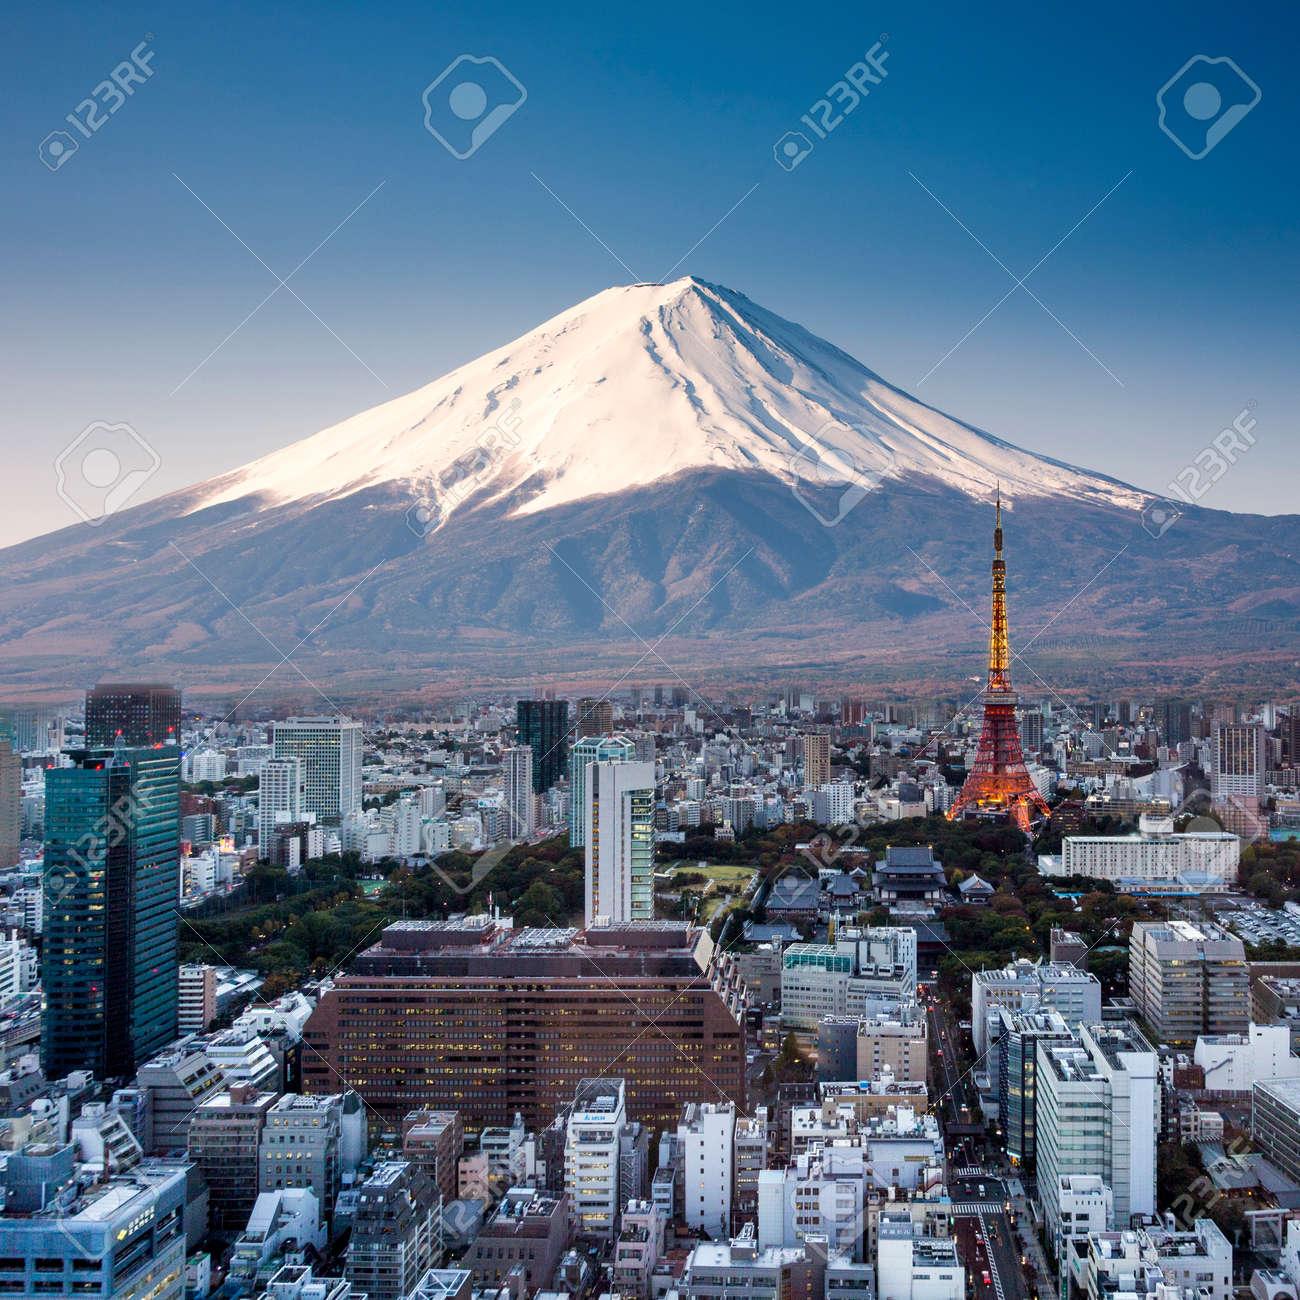 tokio monte fuji